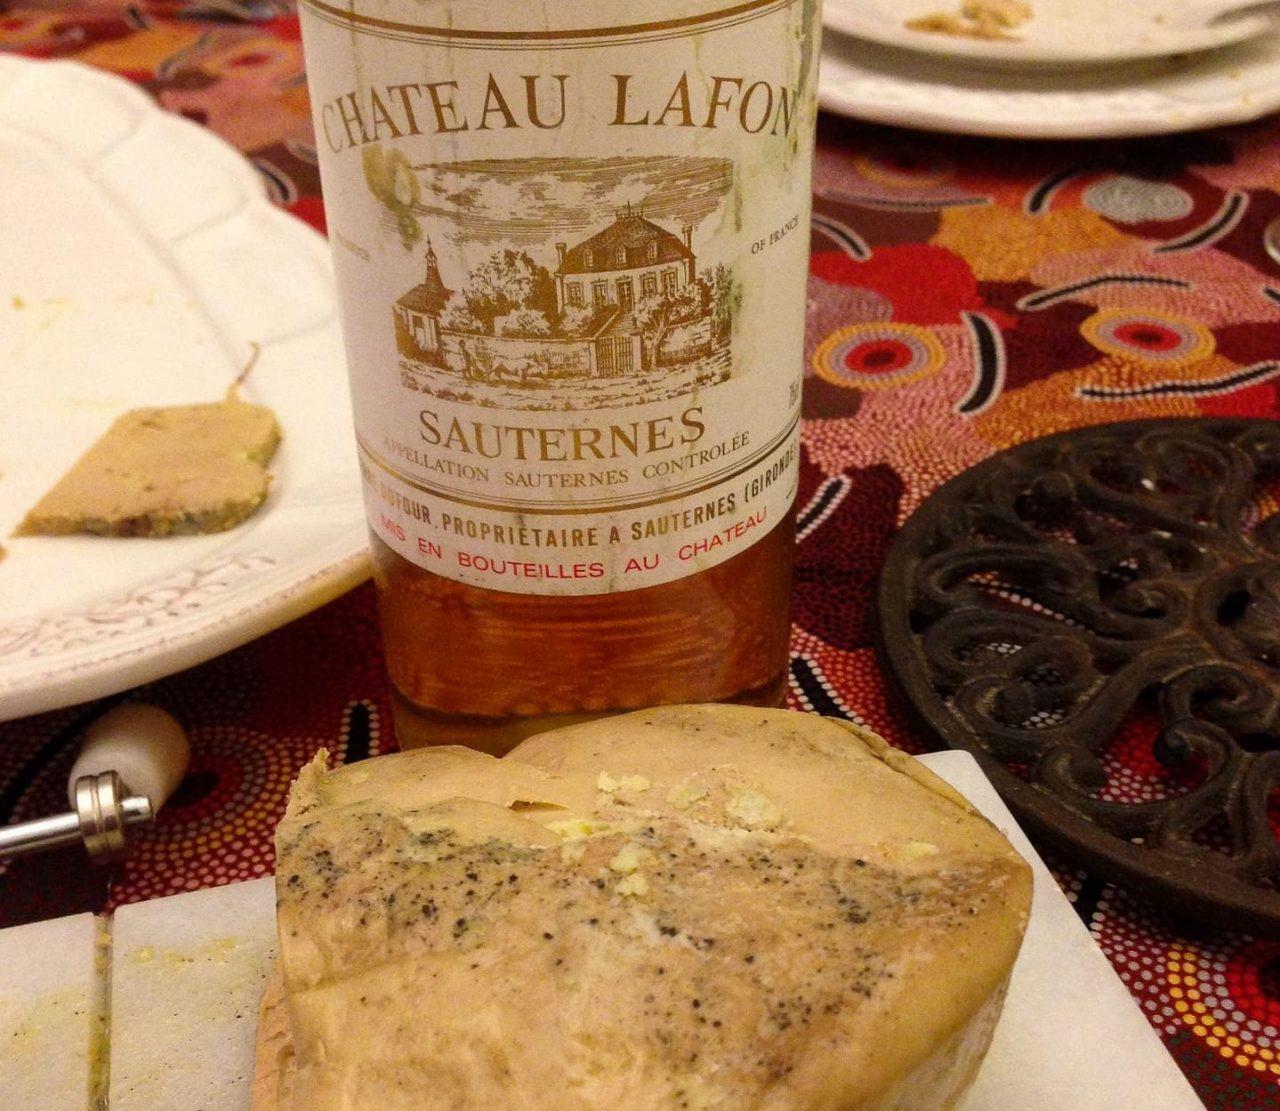 Wino i jedzenie - Sauternes i ser pleśniowy